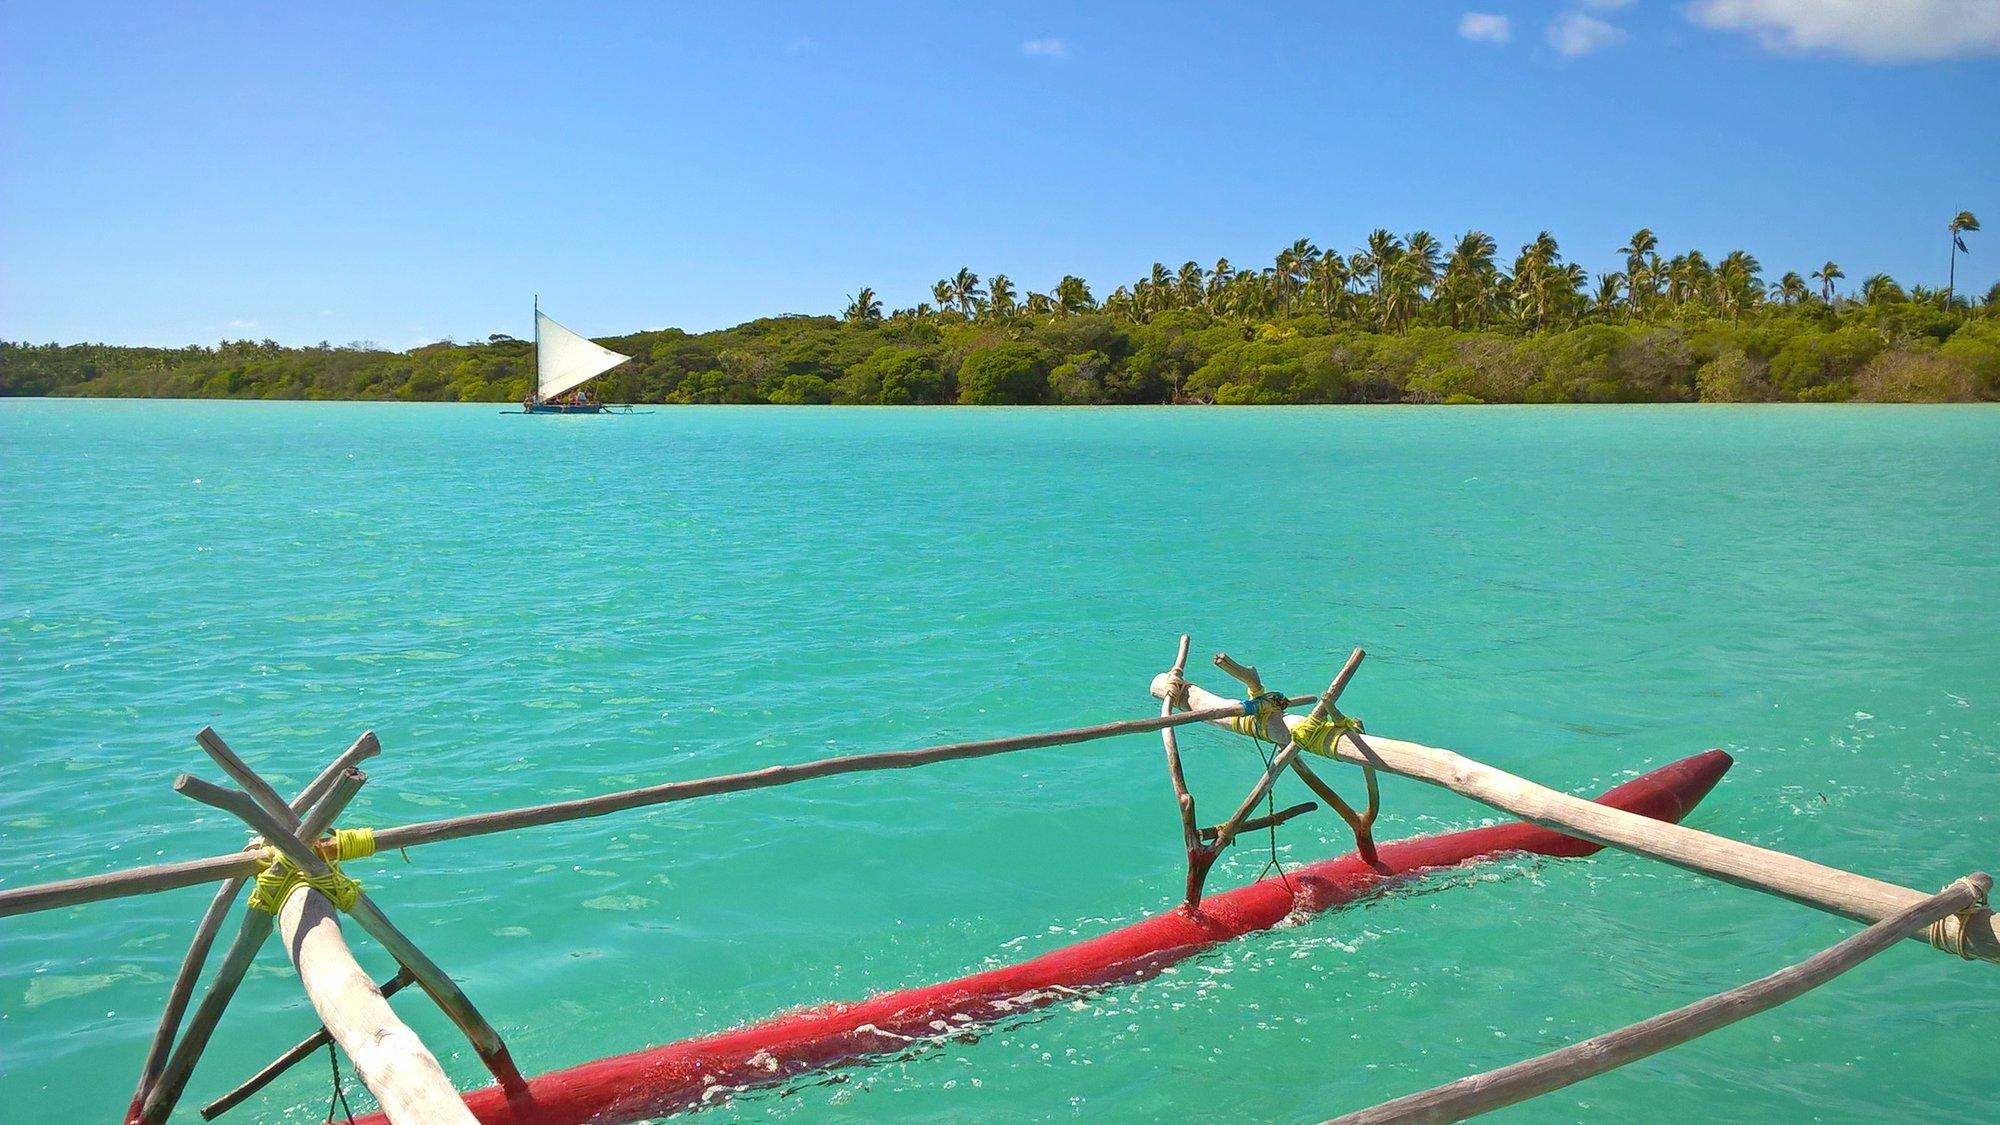 turisté si mohou užít plavbu plachetnicí